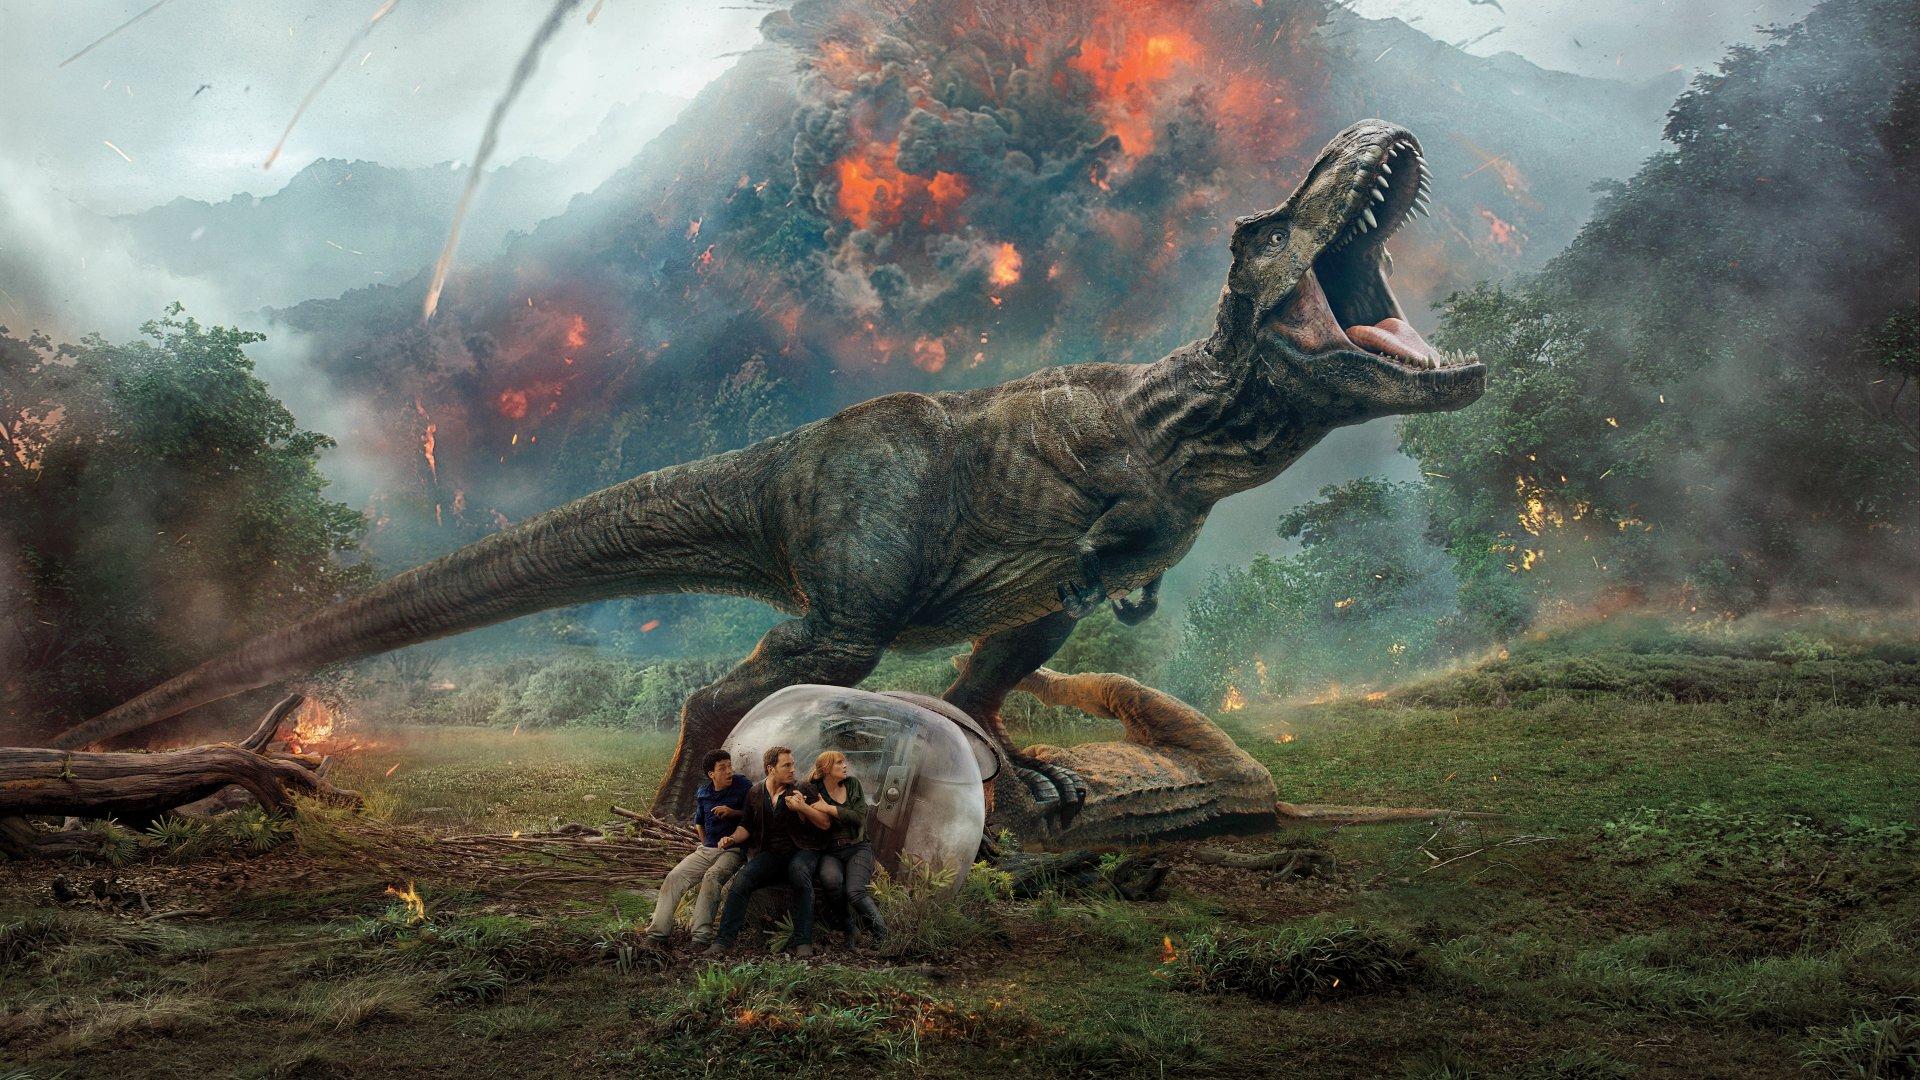 Fondos De Pantalla De Jurassic World 2 El Reino Caído